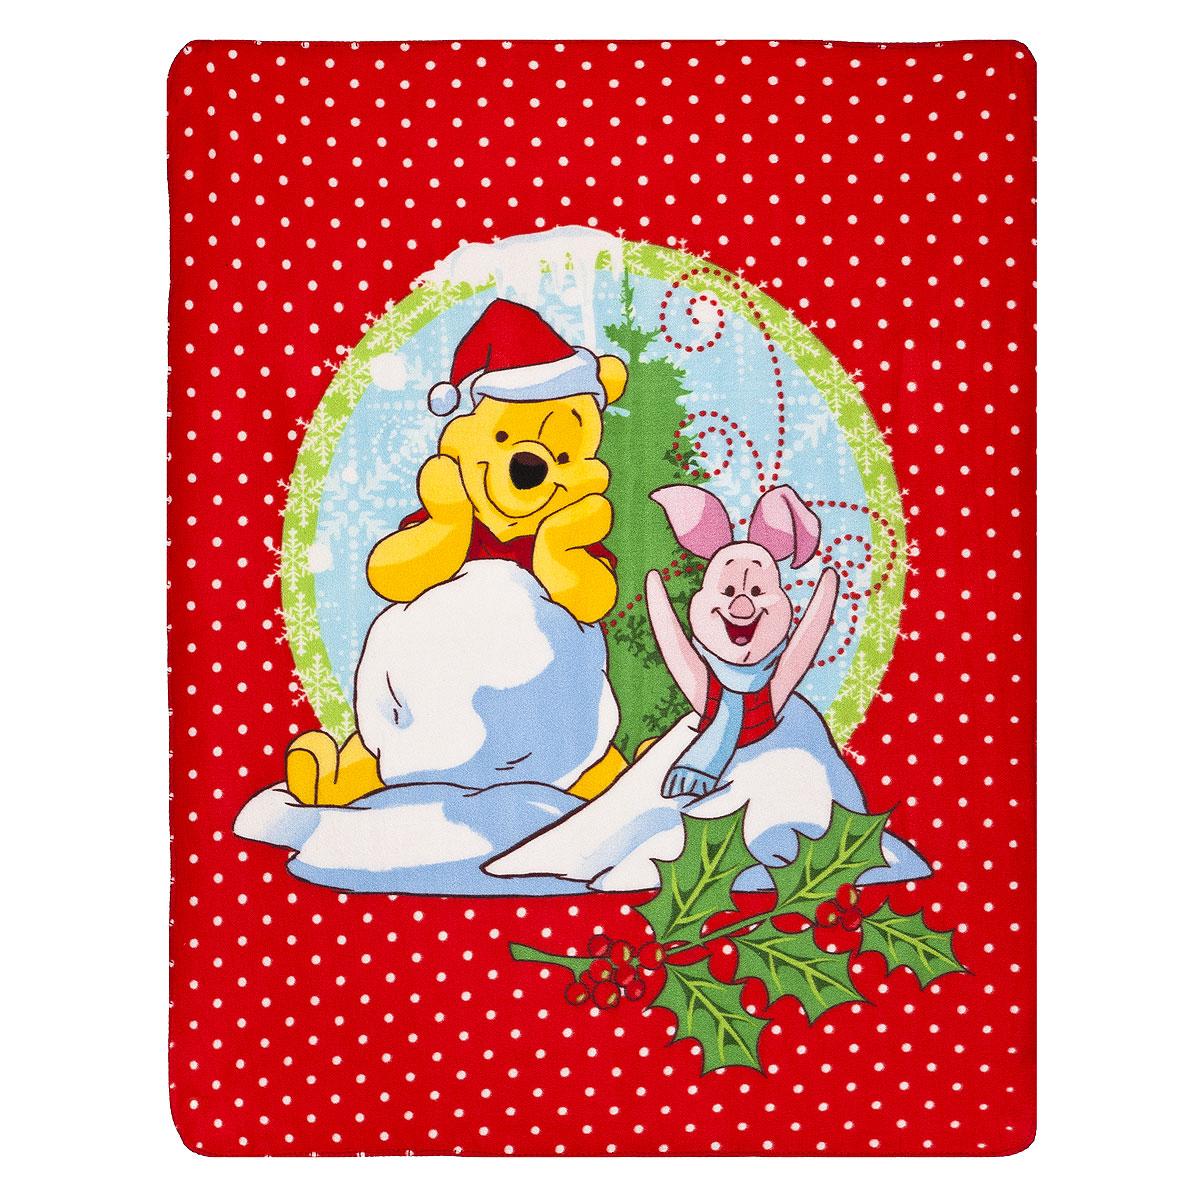 Плед флисовый новогодний Disney Винни и его друзья, 130 см х 160 см531-105Мягкий и уютный плед Disney Винни и его друзья, изготовленный из флиса, согреет в прохладные вечера и сделает ваш дом уютным. Плед не скатывается и не вызывает аллергии, легко стирается и быстро сохнет. Изделие оформлено новогодним принтом и красочным изображением Винни Пуха и Пятачка. Плед хорошо впишется в интерьер детской и создаст атмосферу гармонии и уюта. Пледом можно уютно укрыться дома или взять с собой в путешествие.